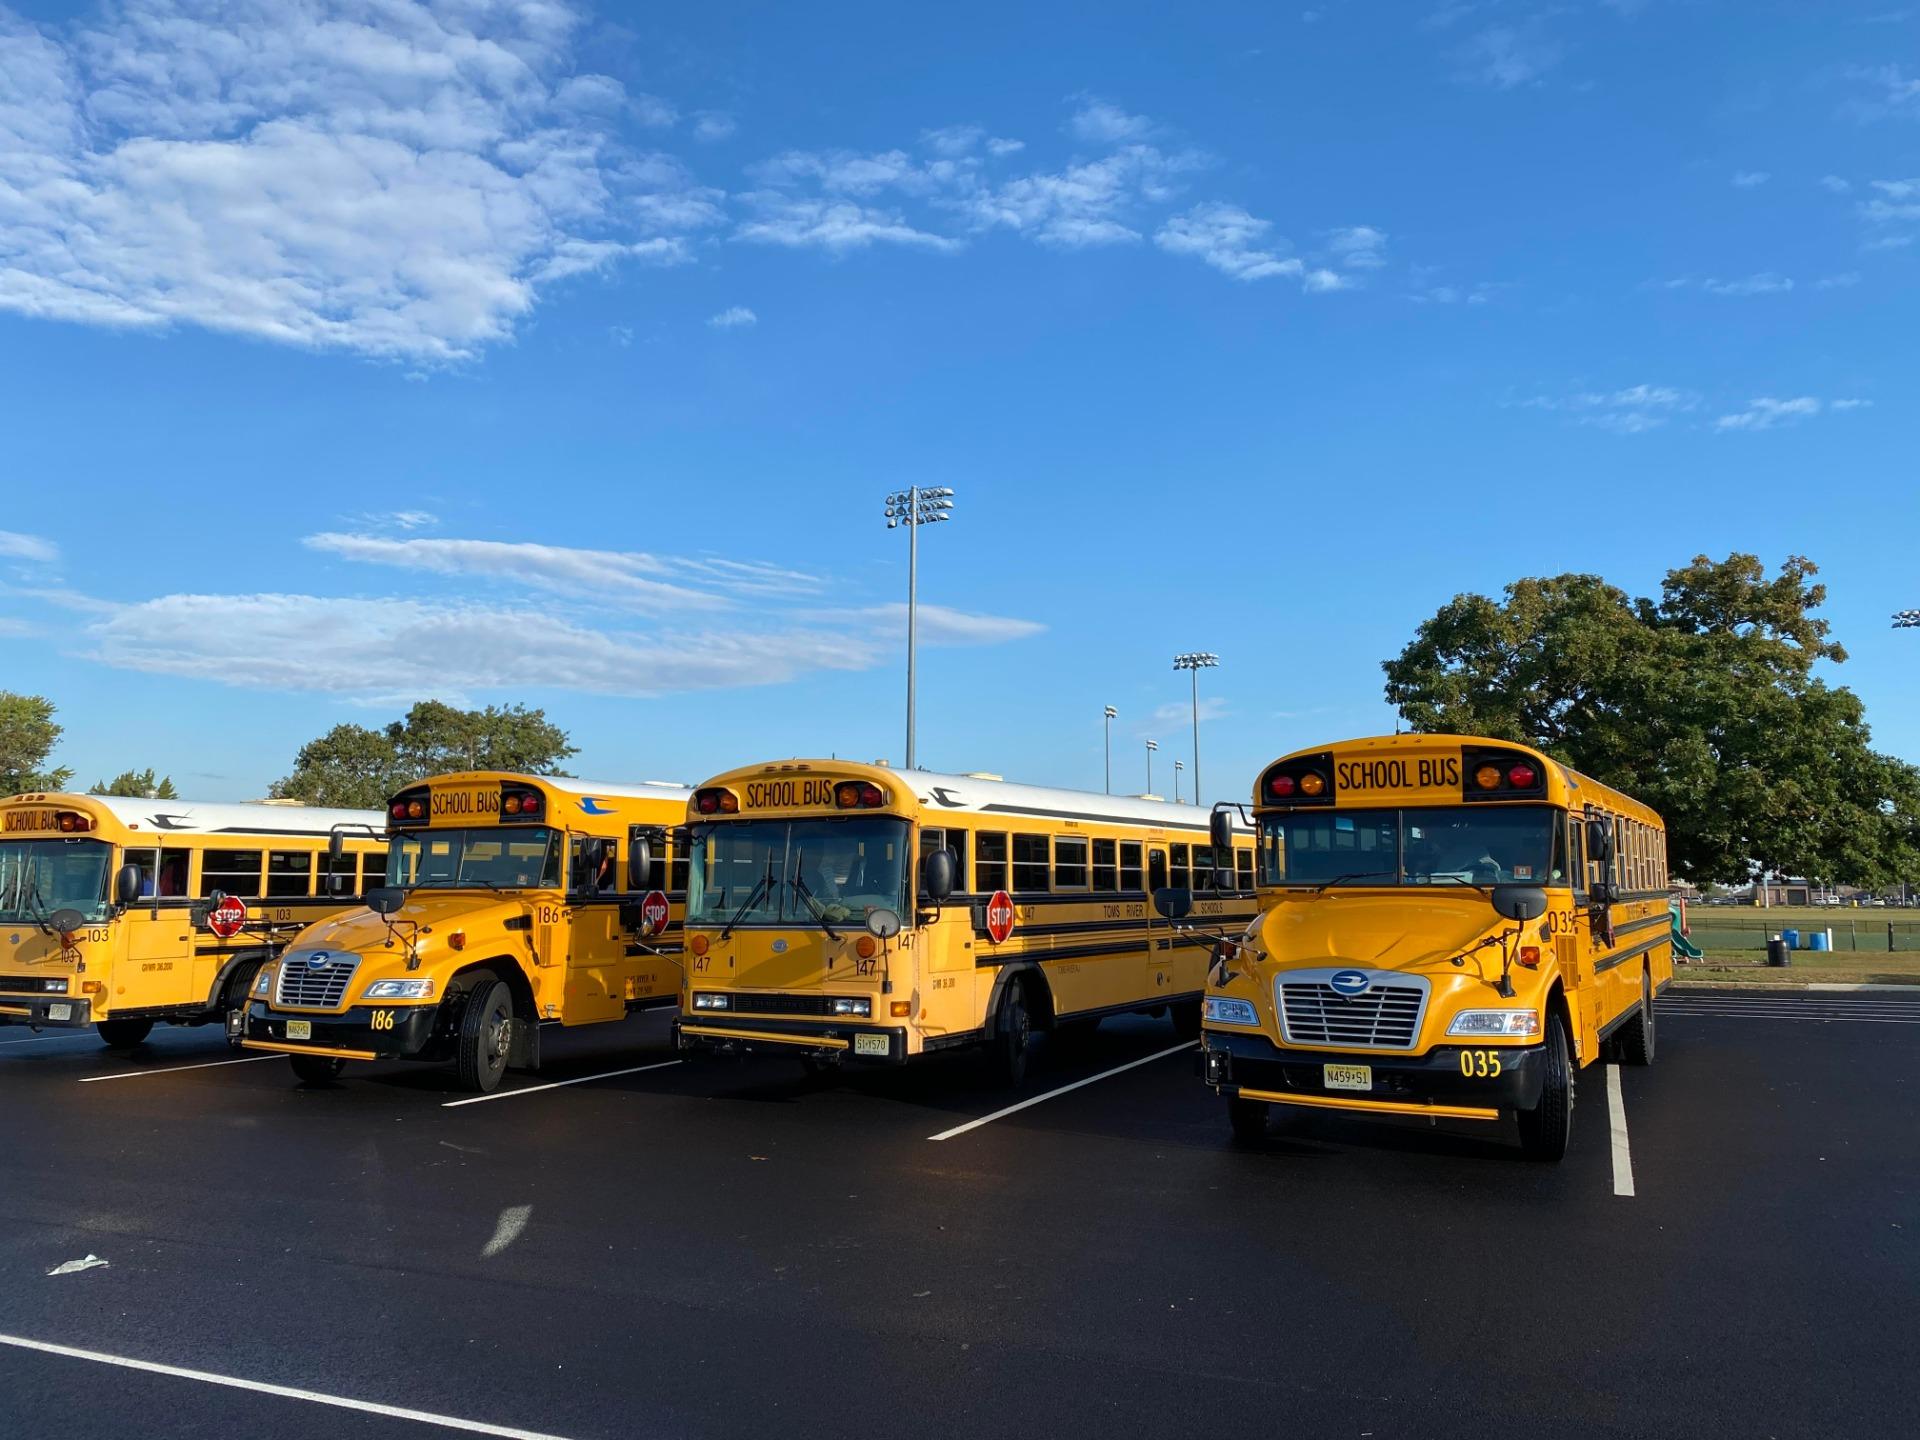 buses and sky